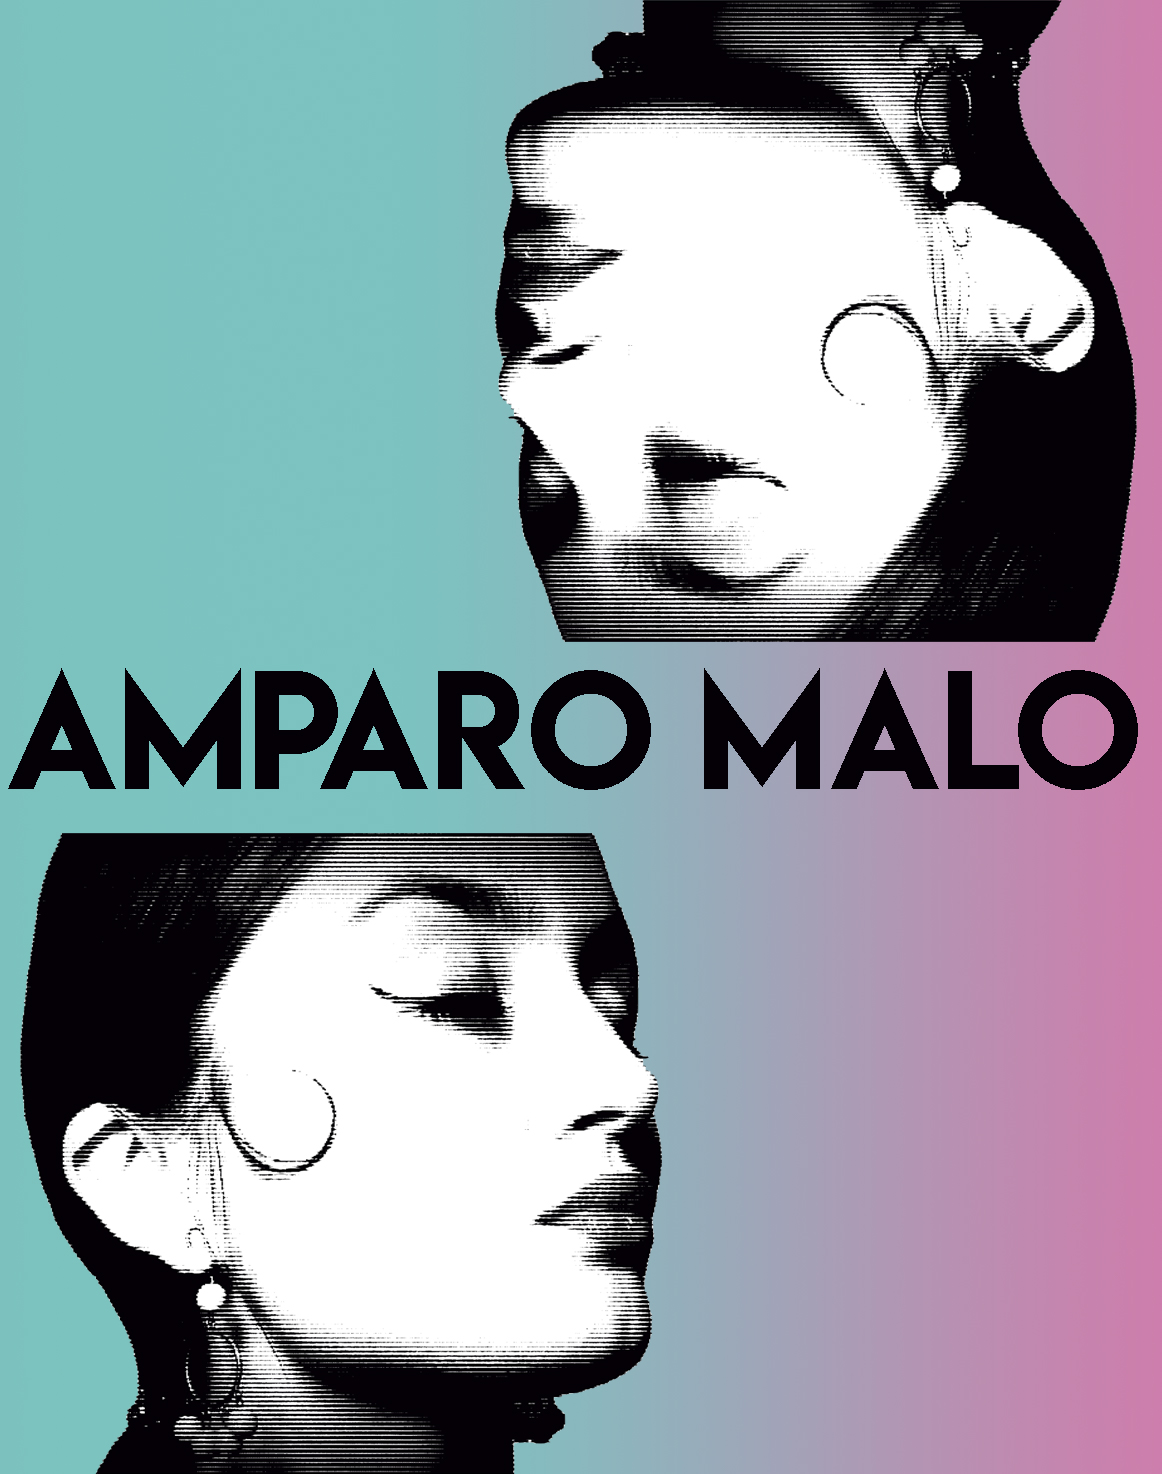 Concierto de Amparo Malo en Madrid